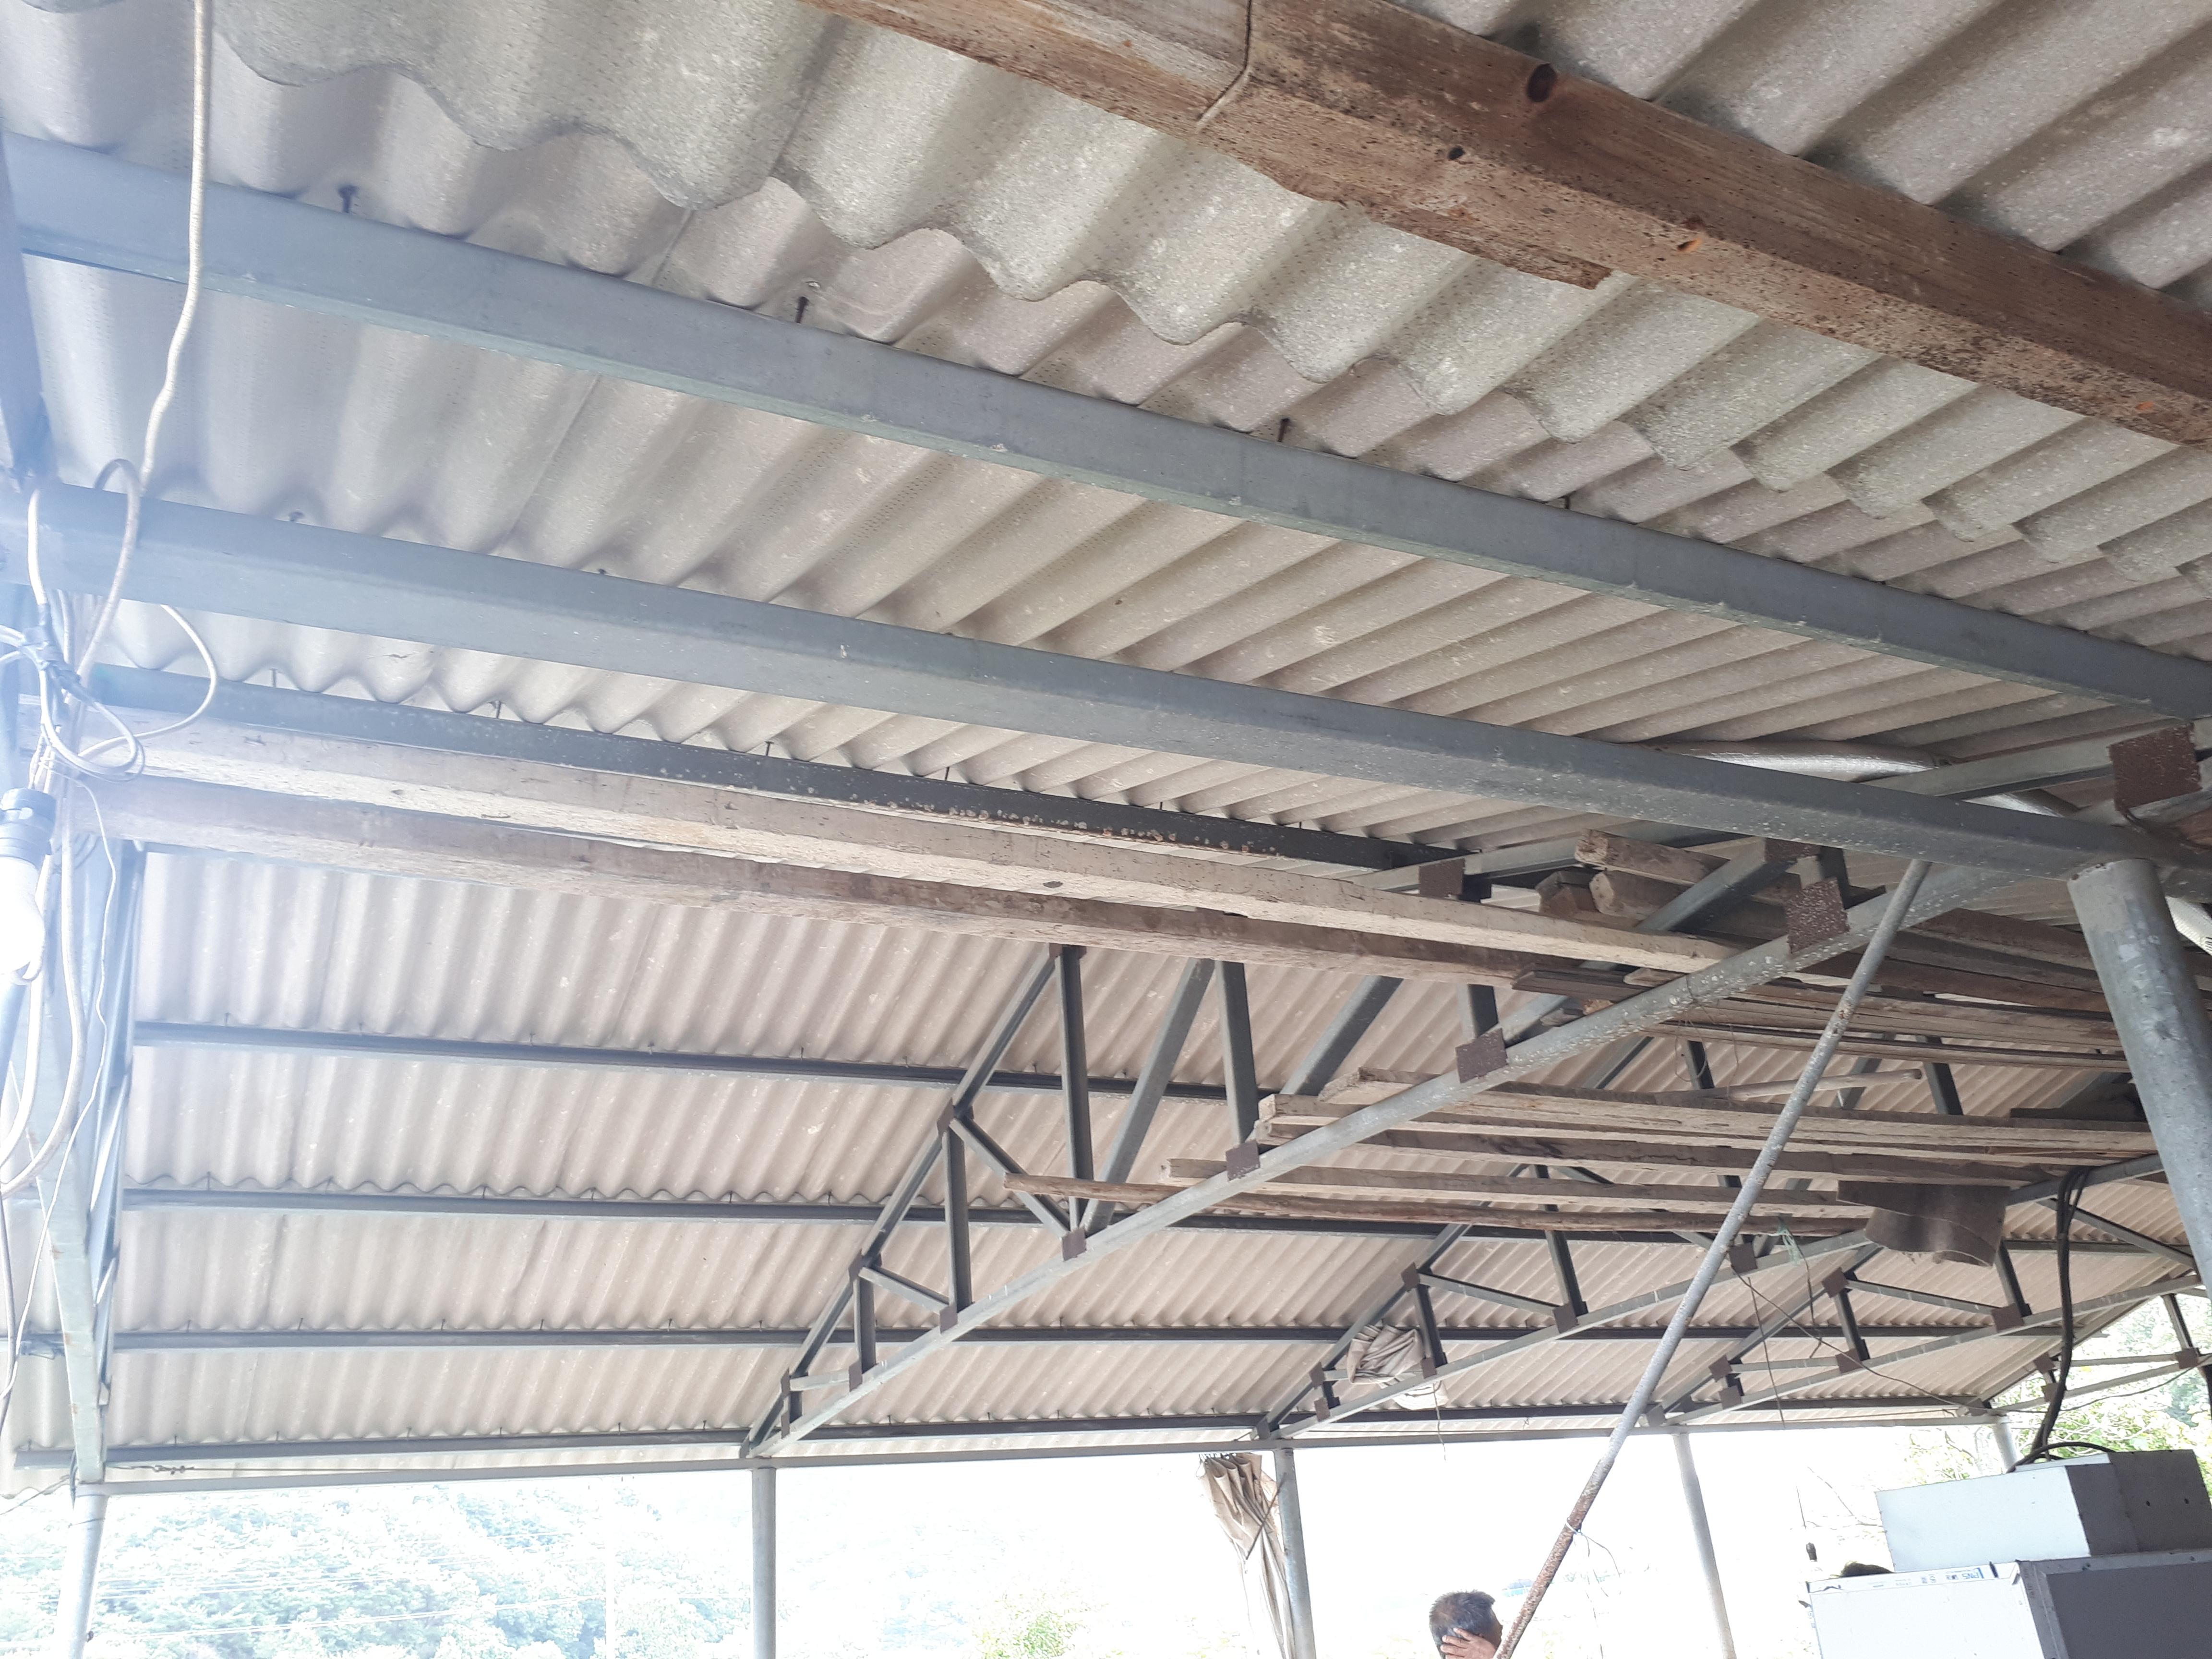 3 번째 사진  에  연면적44 ㎡ 경상남도 밀양시 청도면 축사 슬레이트지붕 석면처리